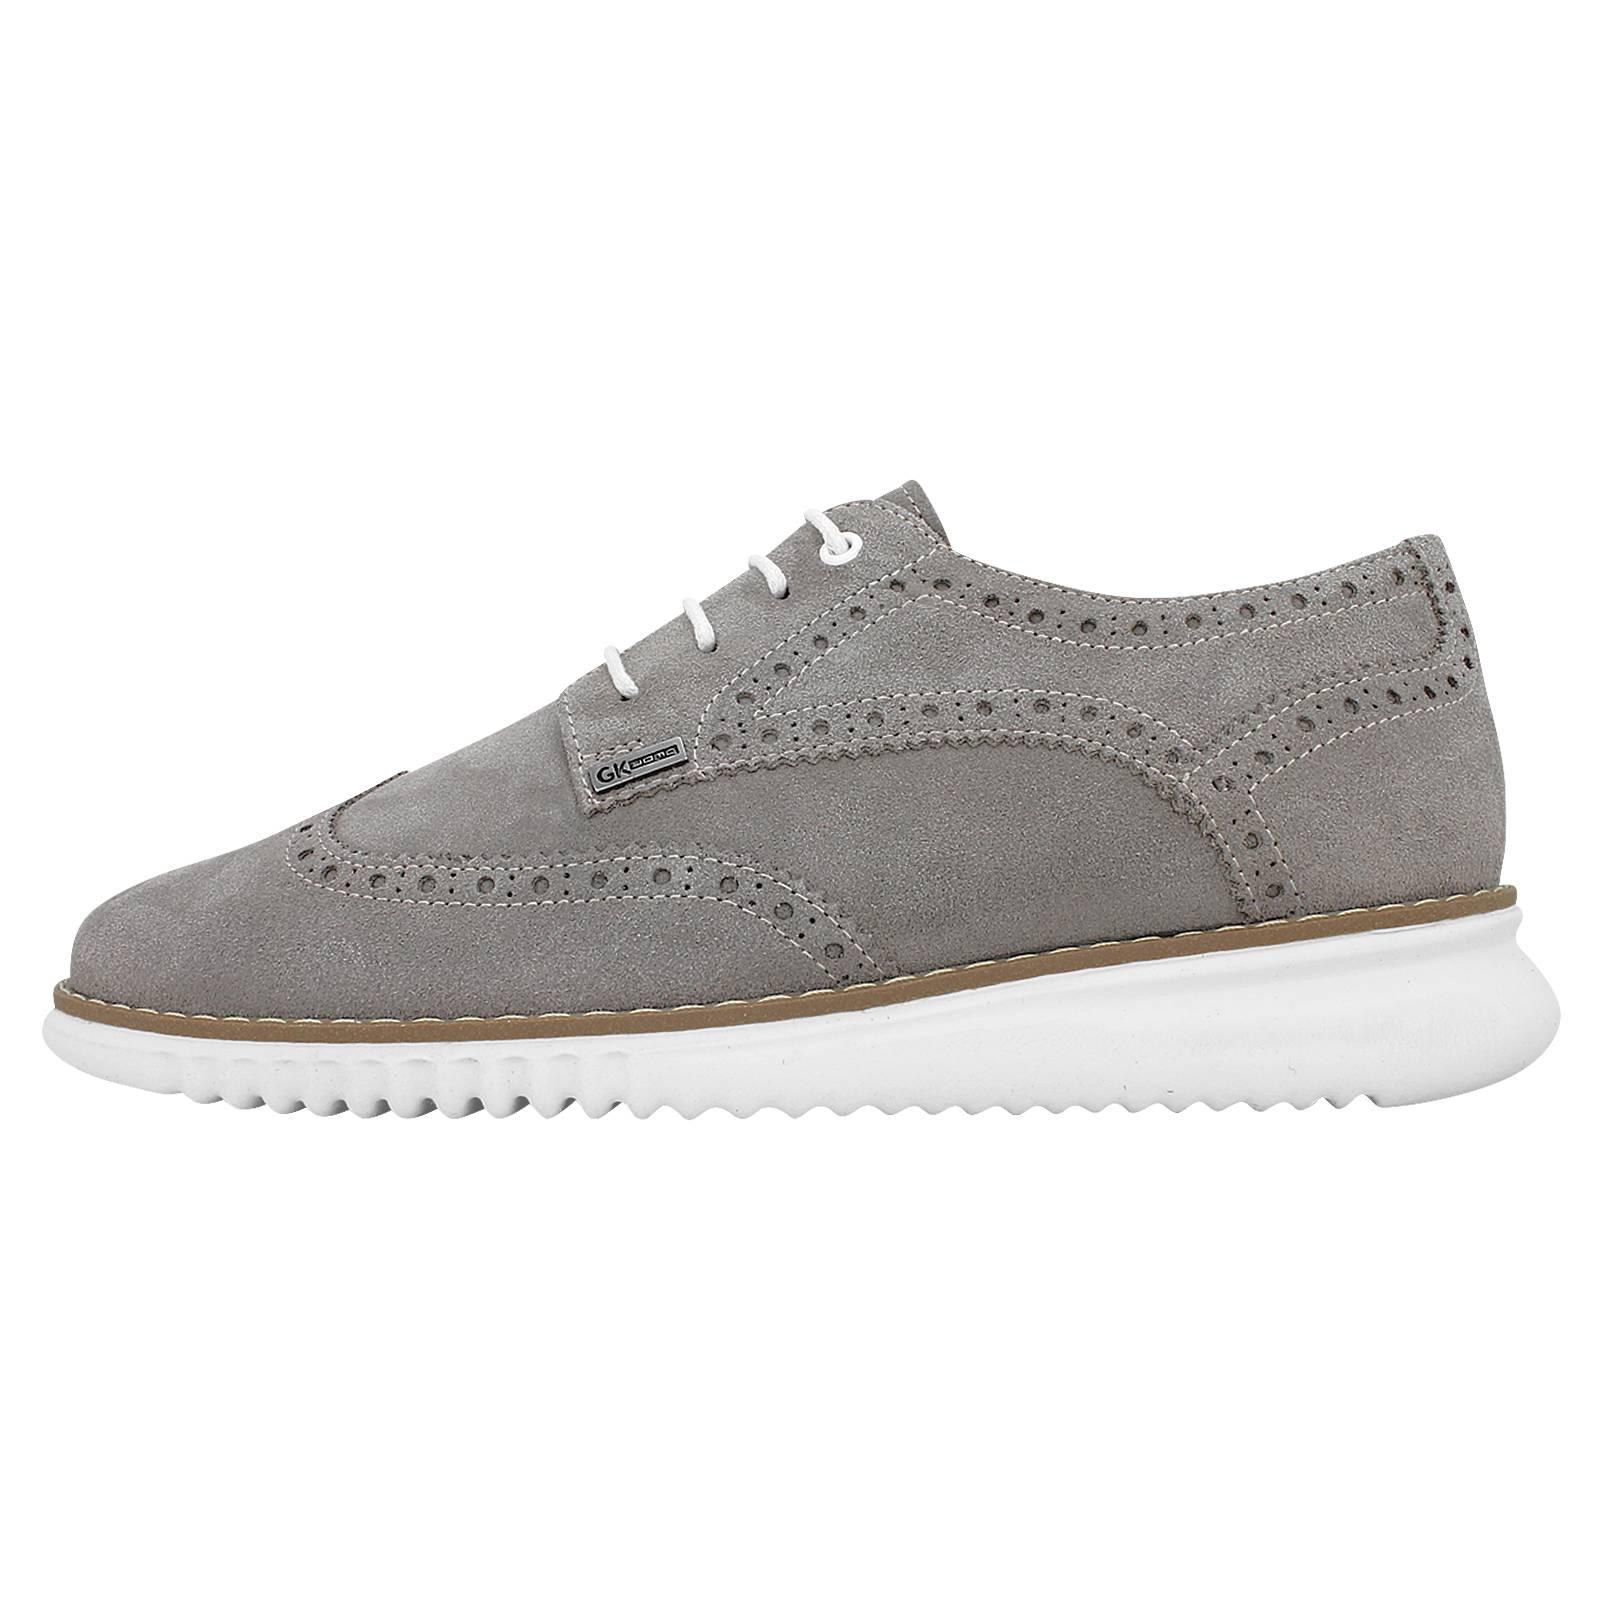 Smilde - Ανδρικά δετά παπούτσια GK Uomo από καστορι - Gianna Kazakou ... fd392540034